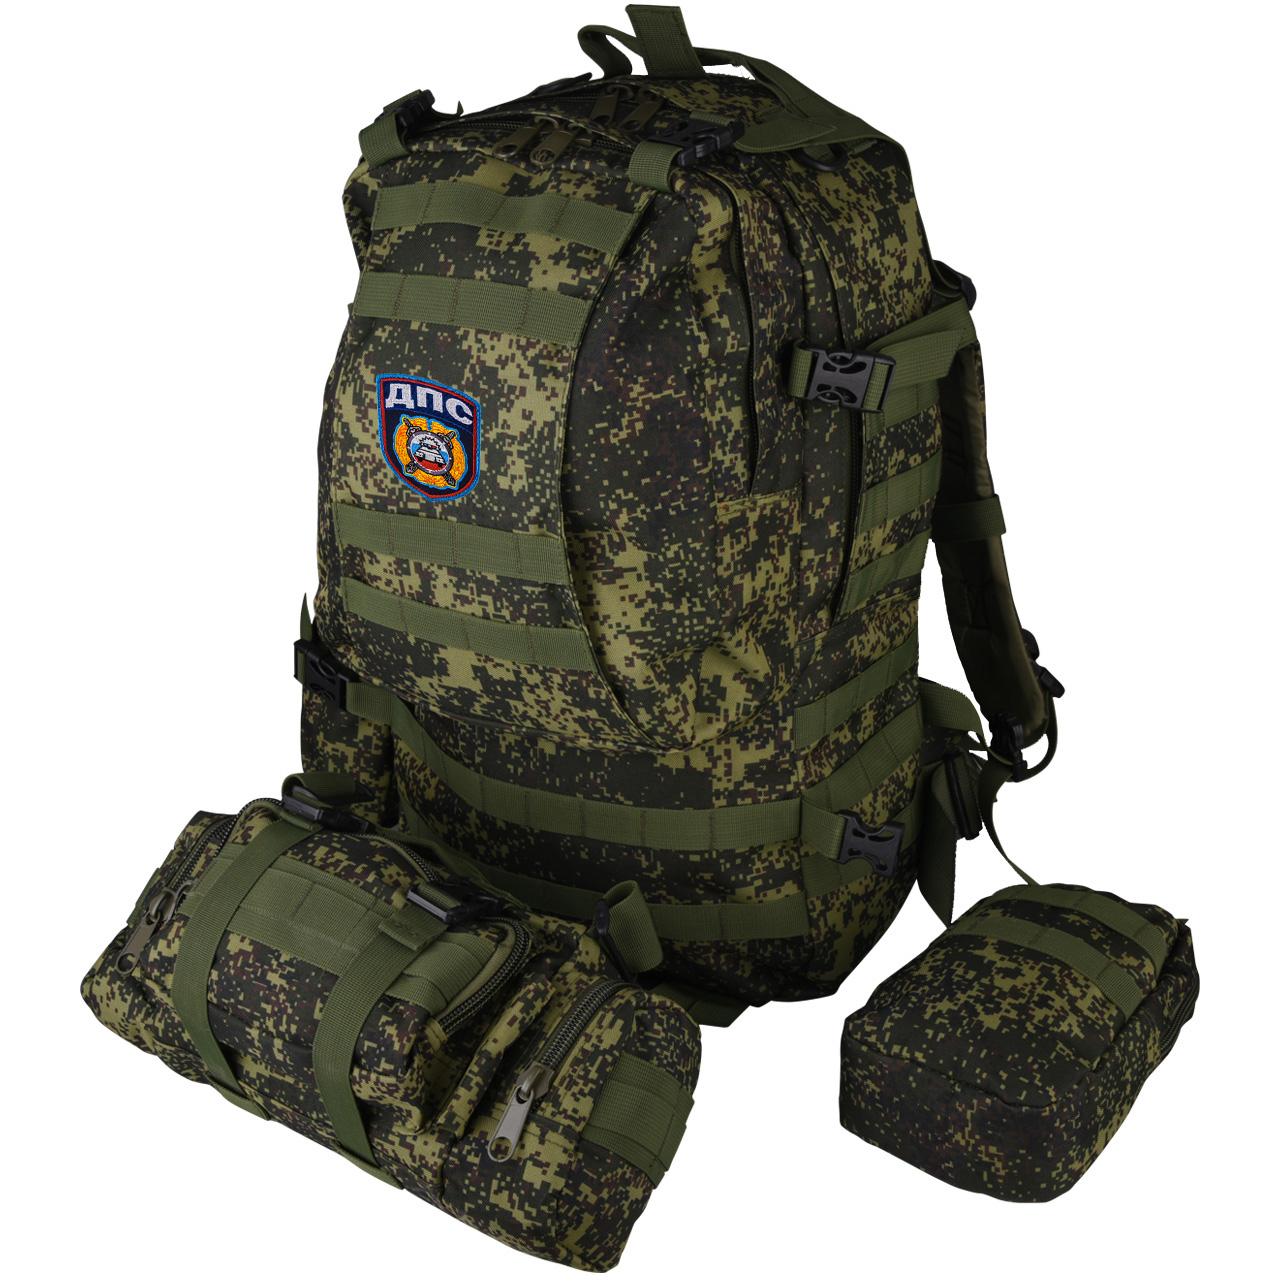 Рейдовый надежный рюкзак с нашивкой ДПС - купить оптом